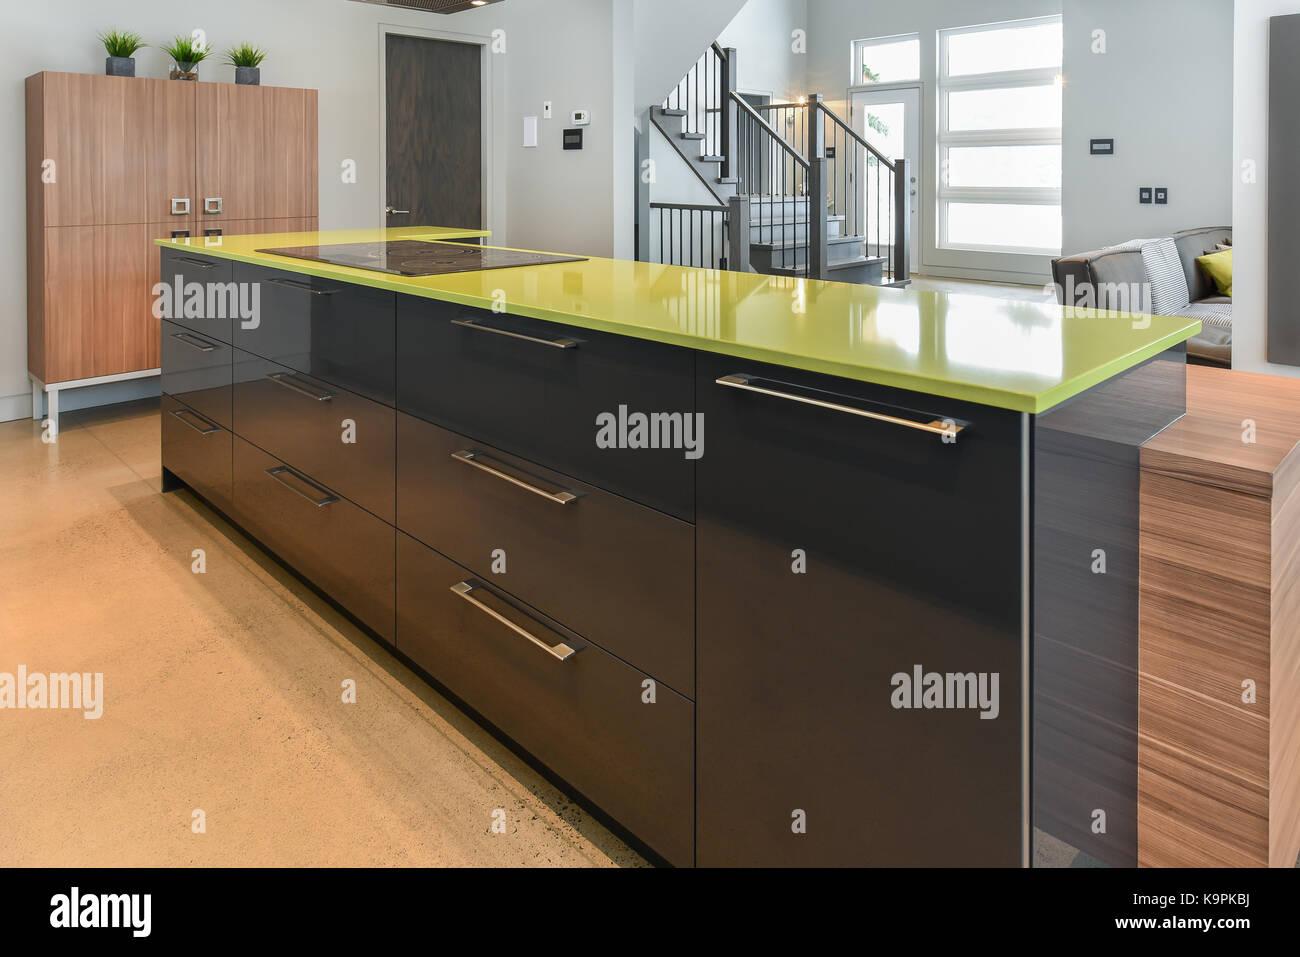 kitchen island close up. modern kitchen with green quartz island close-up - stock image close up e